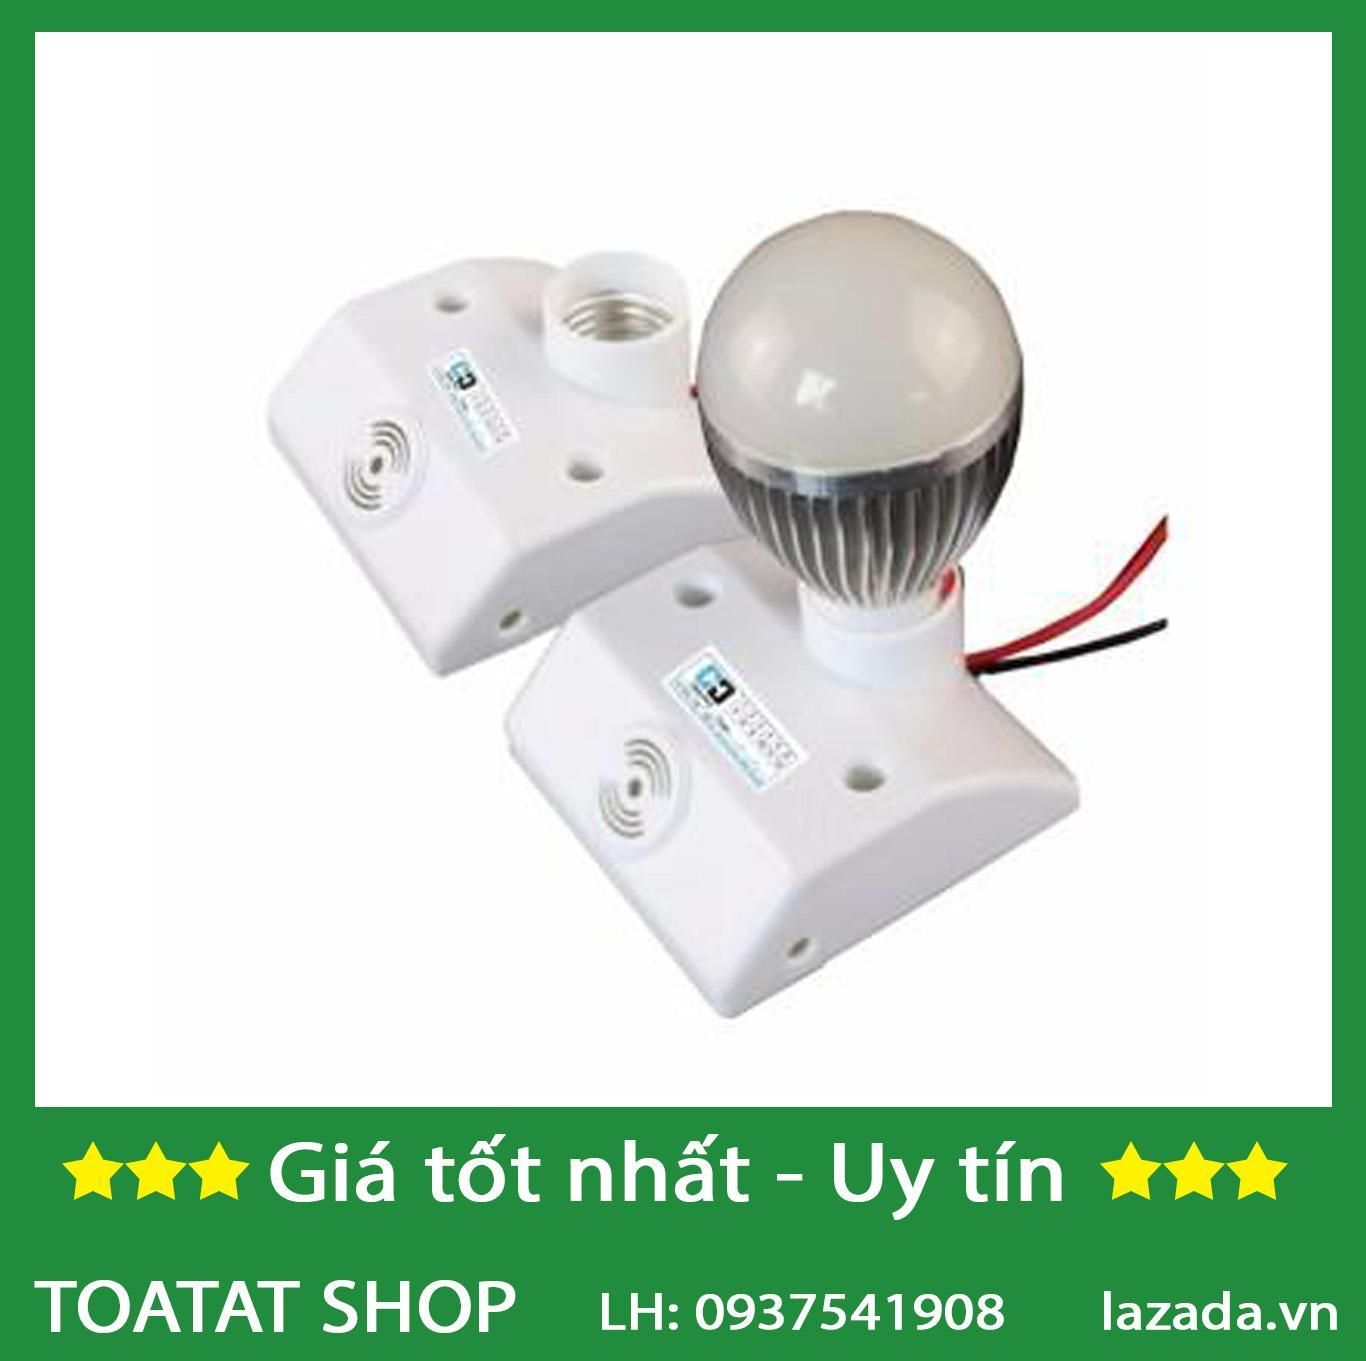 Đui đèn cảm ứng mắt thần GG24